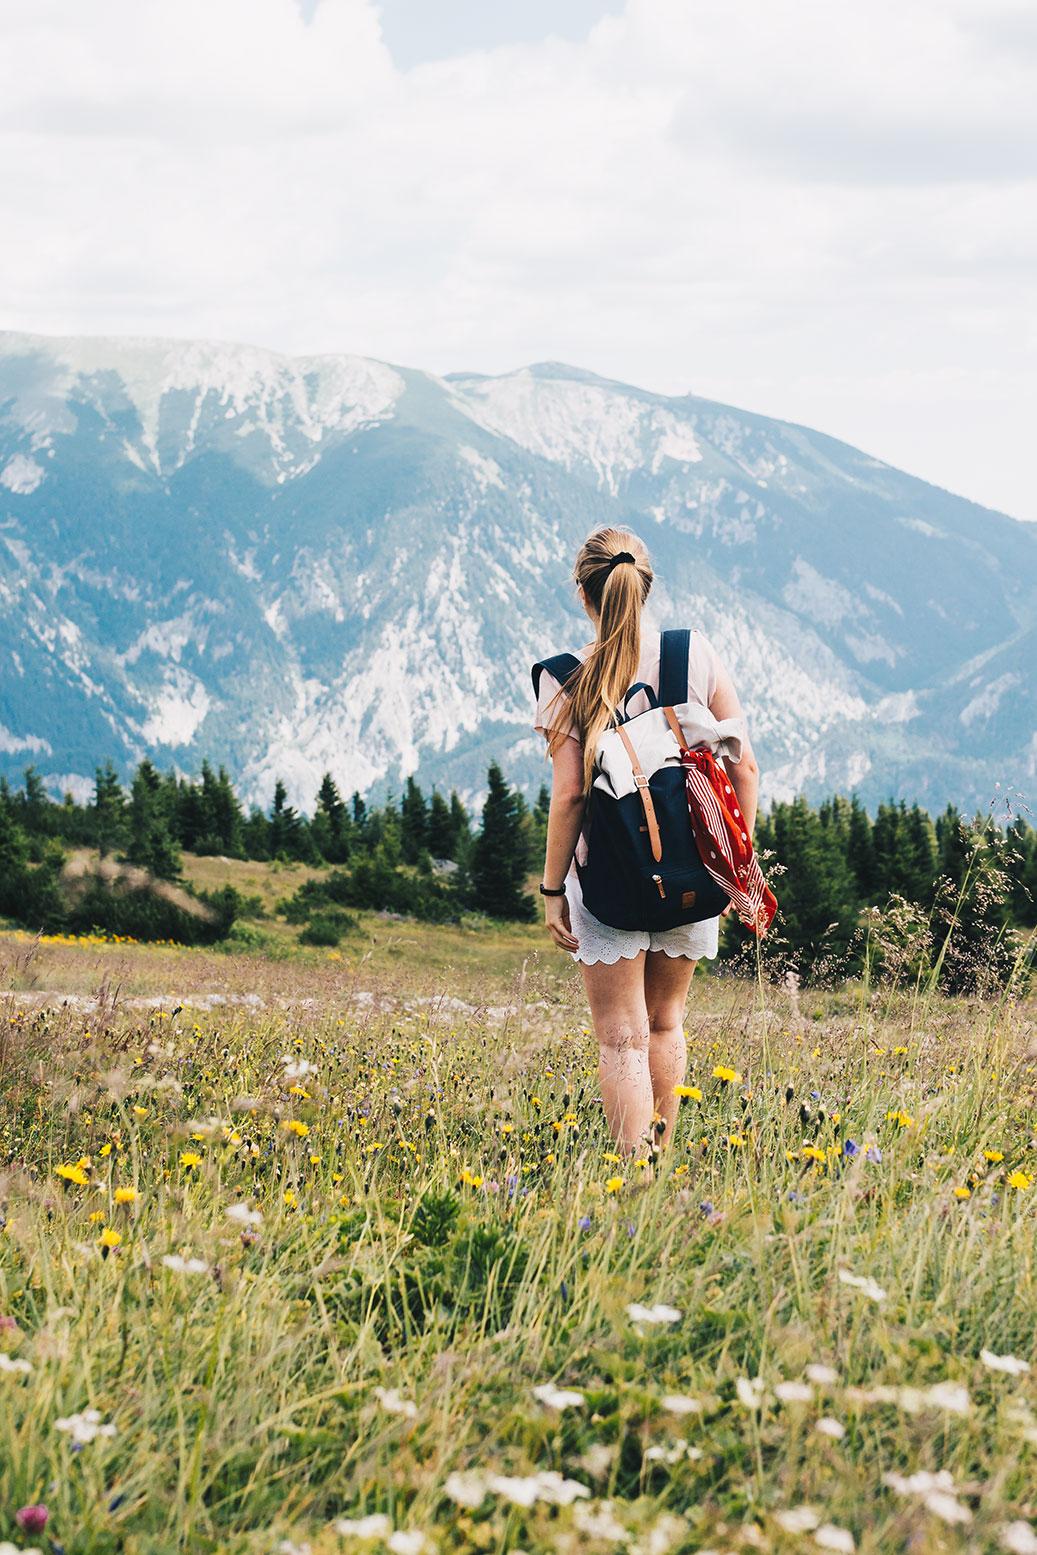 österreich-reisen-in-österreich--wandern-wanderwege--raodtrip